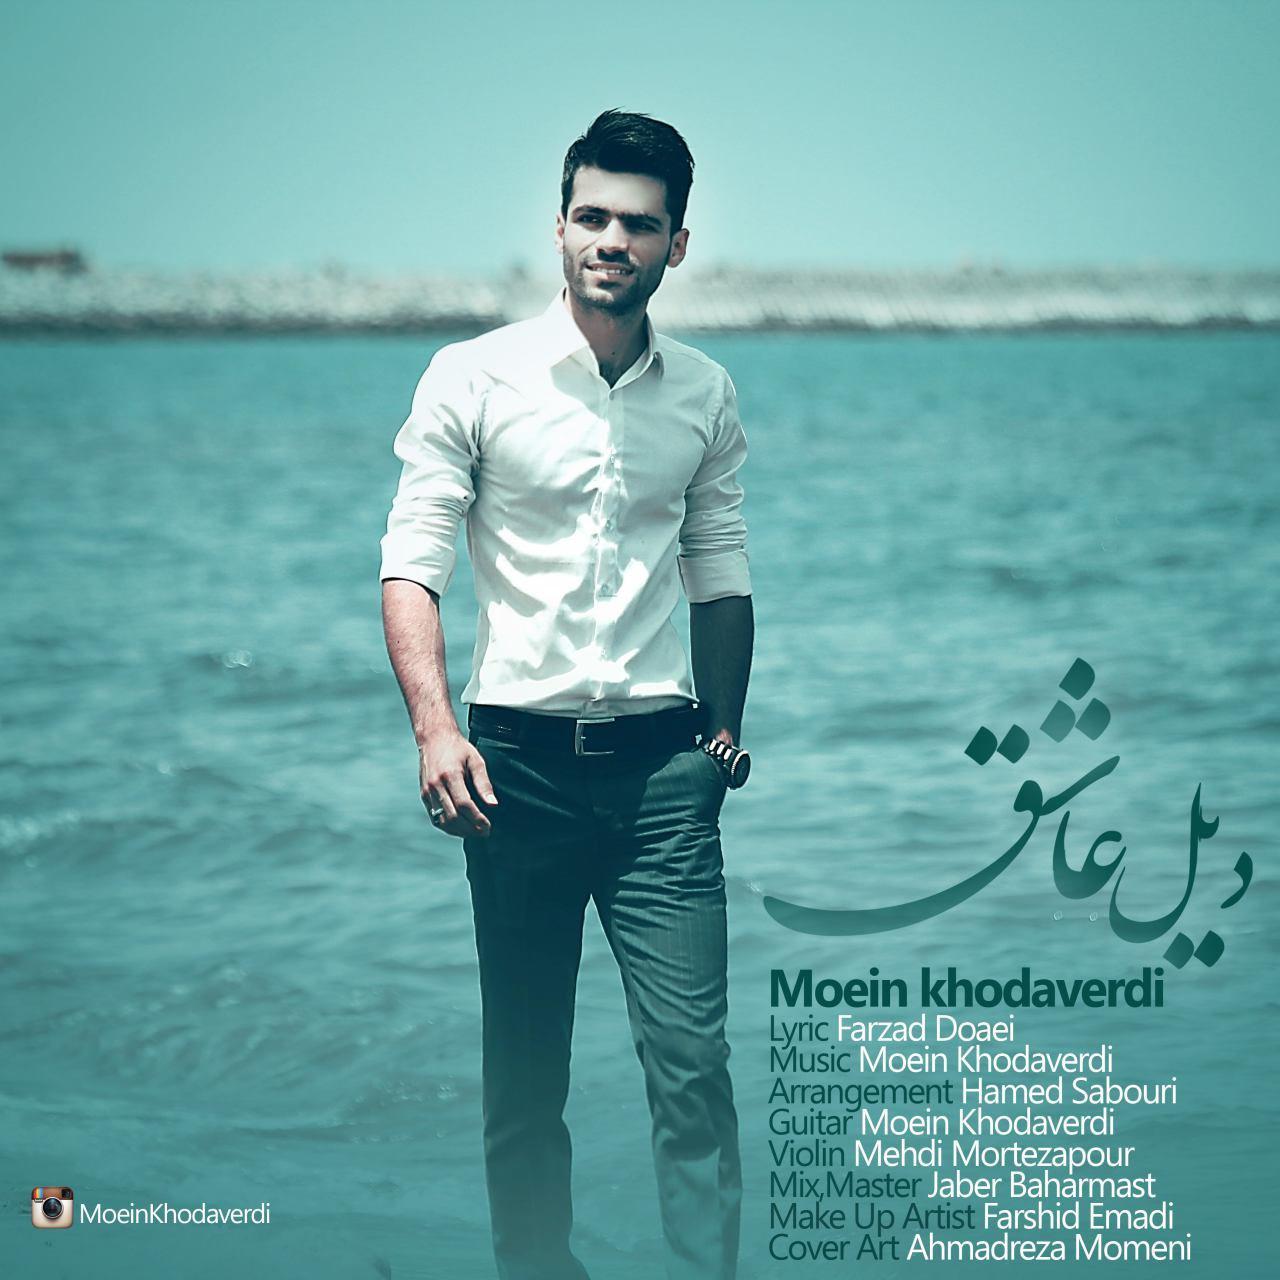 نامبر وان موزیک | دانلود آهنگ جدید Moein-Khodaverdi-Dile-Ashegh